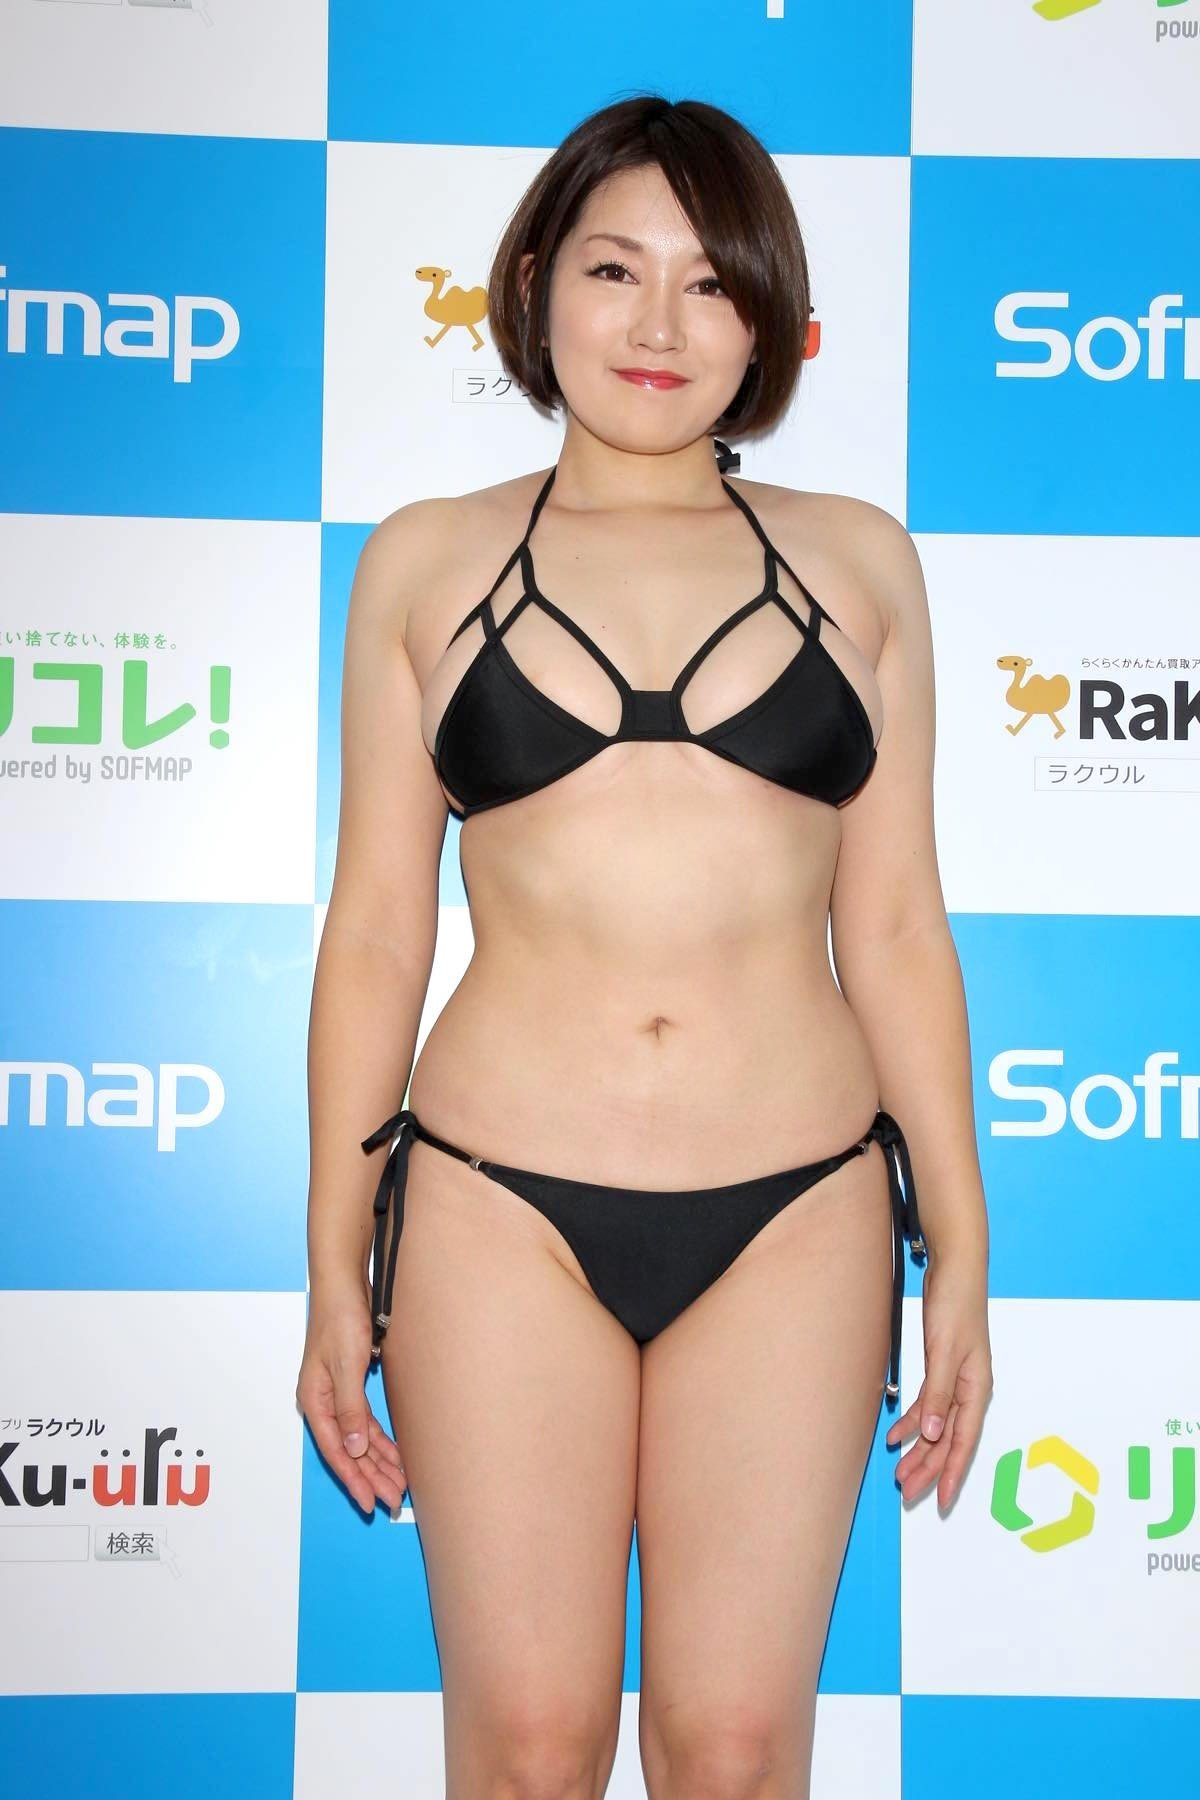 多田あさみ「赤い下着でイチャイチャ」お風呂で洗いっこにも挑戦!【画像39枚】の画像004